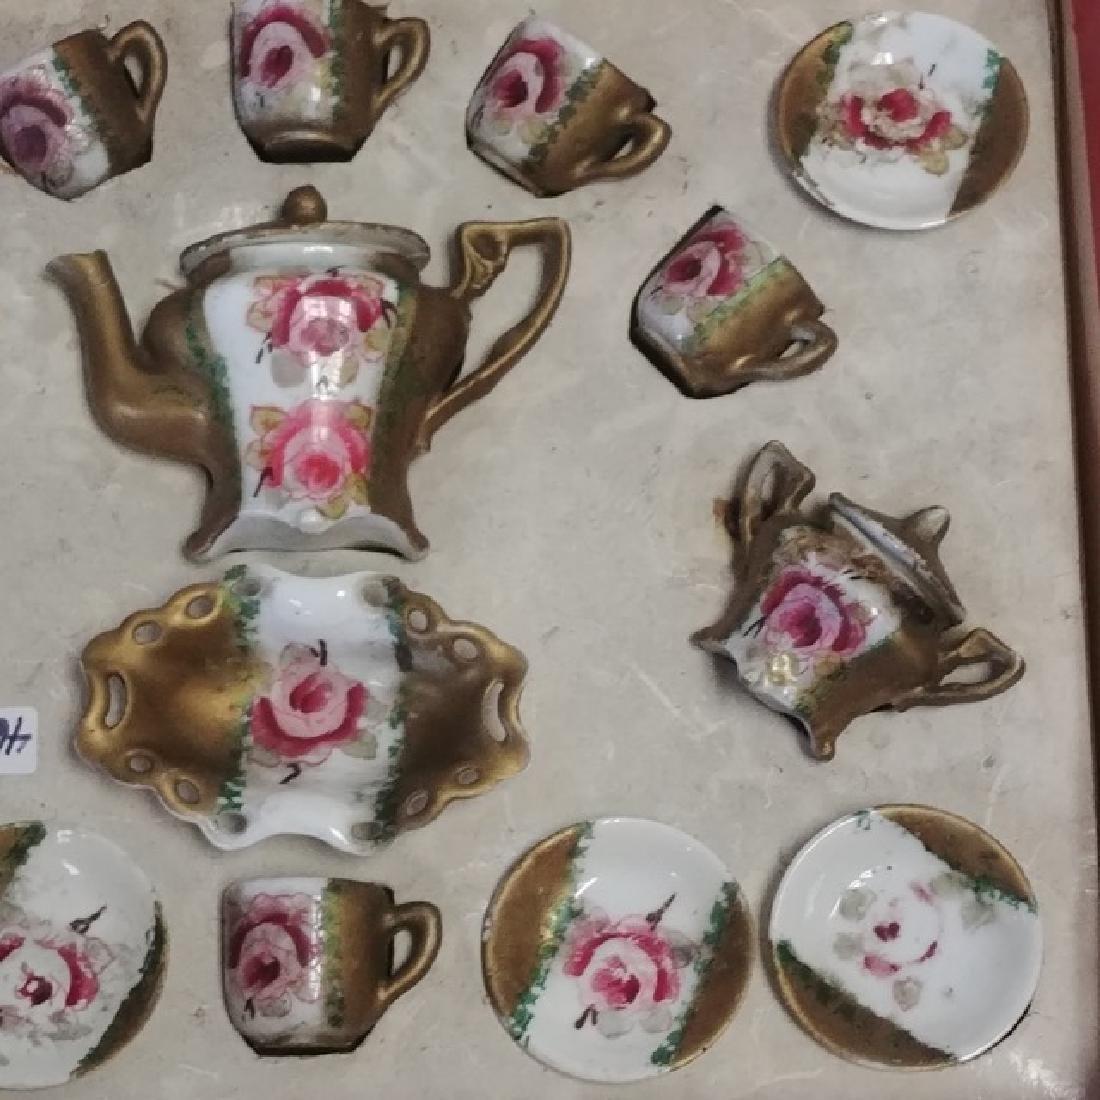 Antique Doll's Porcelain Tea Set - 3